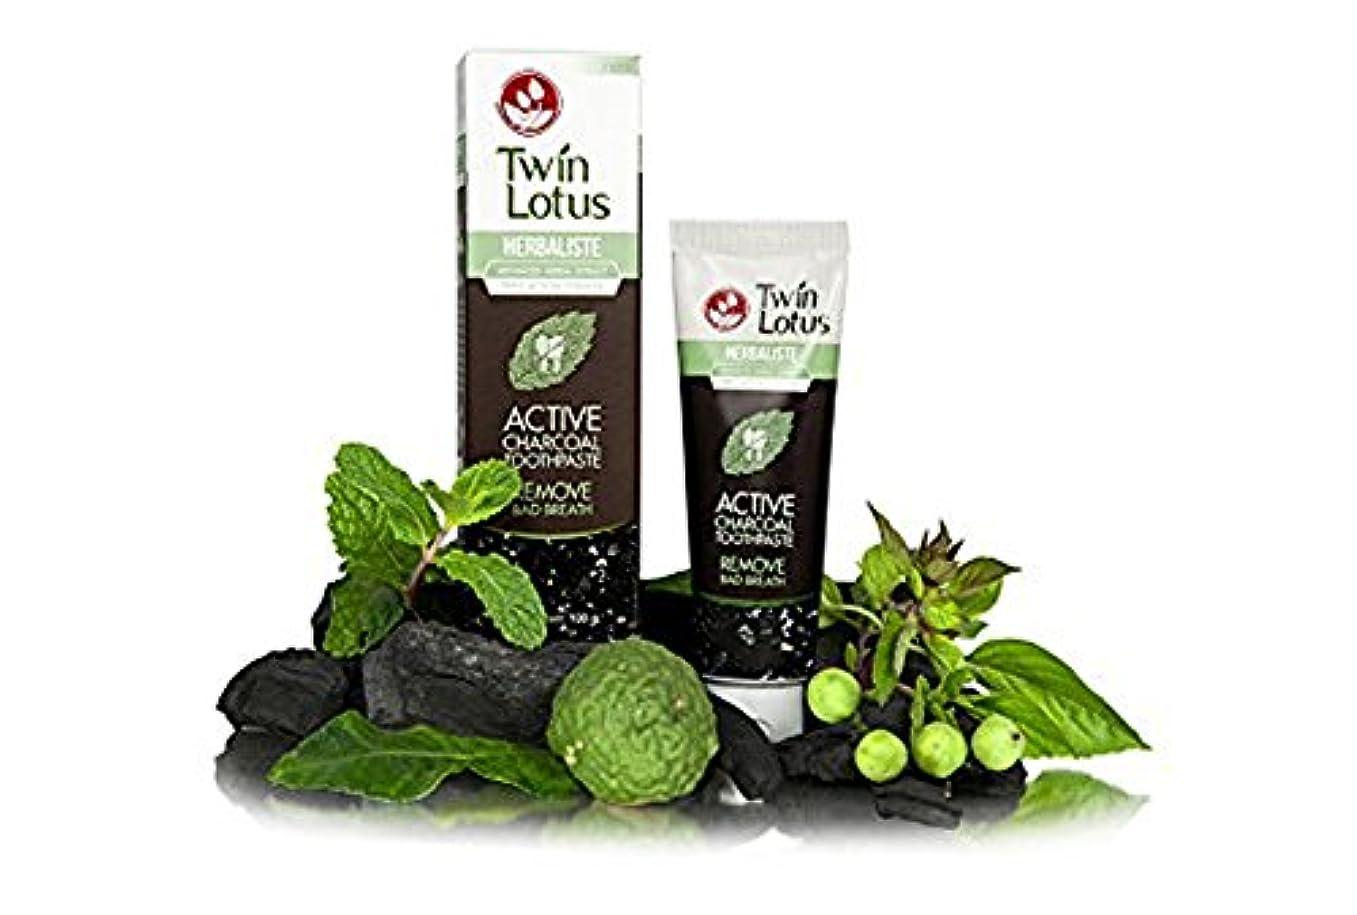 流方法論親練り歯磨き ハーブ 2 x 150g Twin Lotus Herbaliste Active Charcoal Advanced Herbal Extract Triple Action Formula Toothpaste.